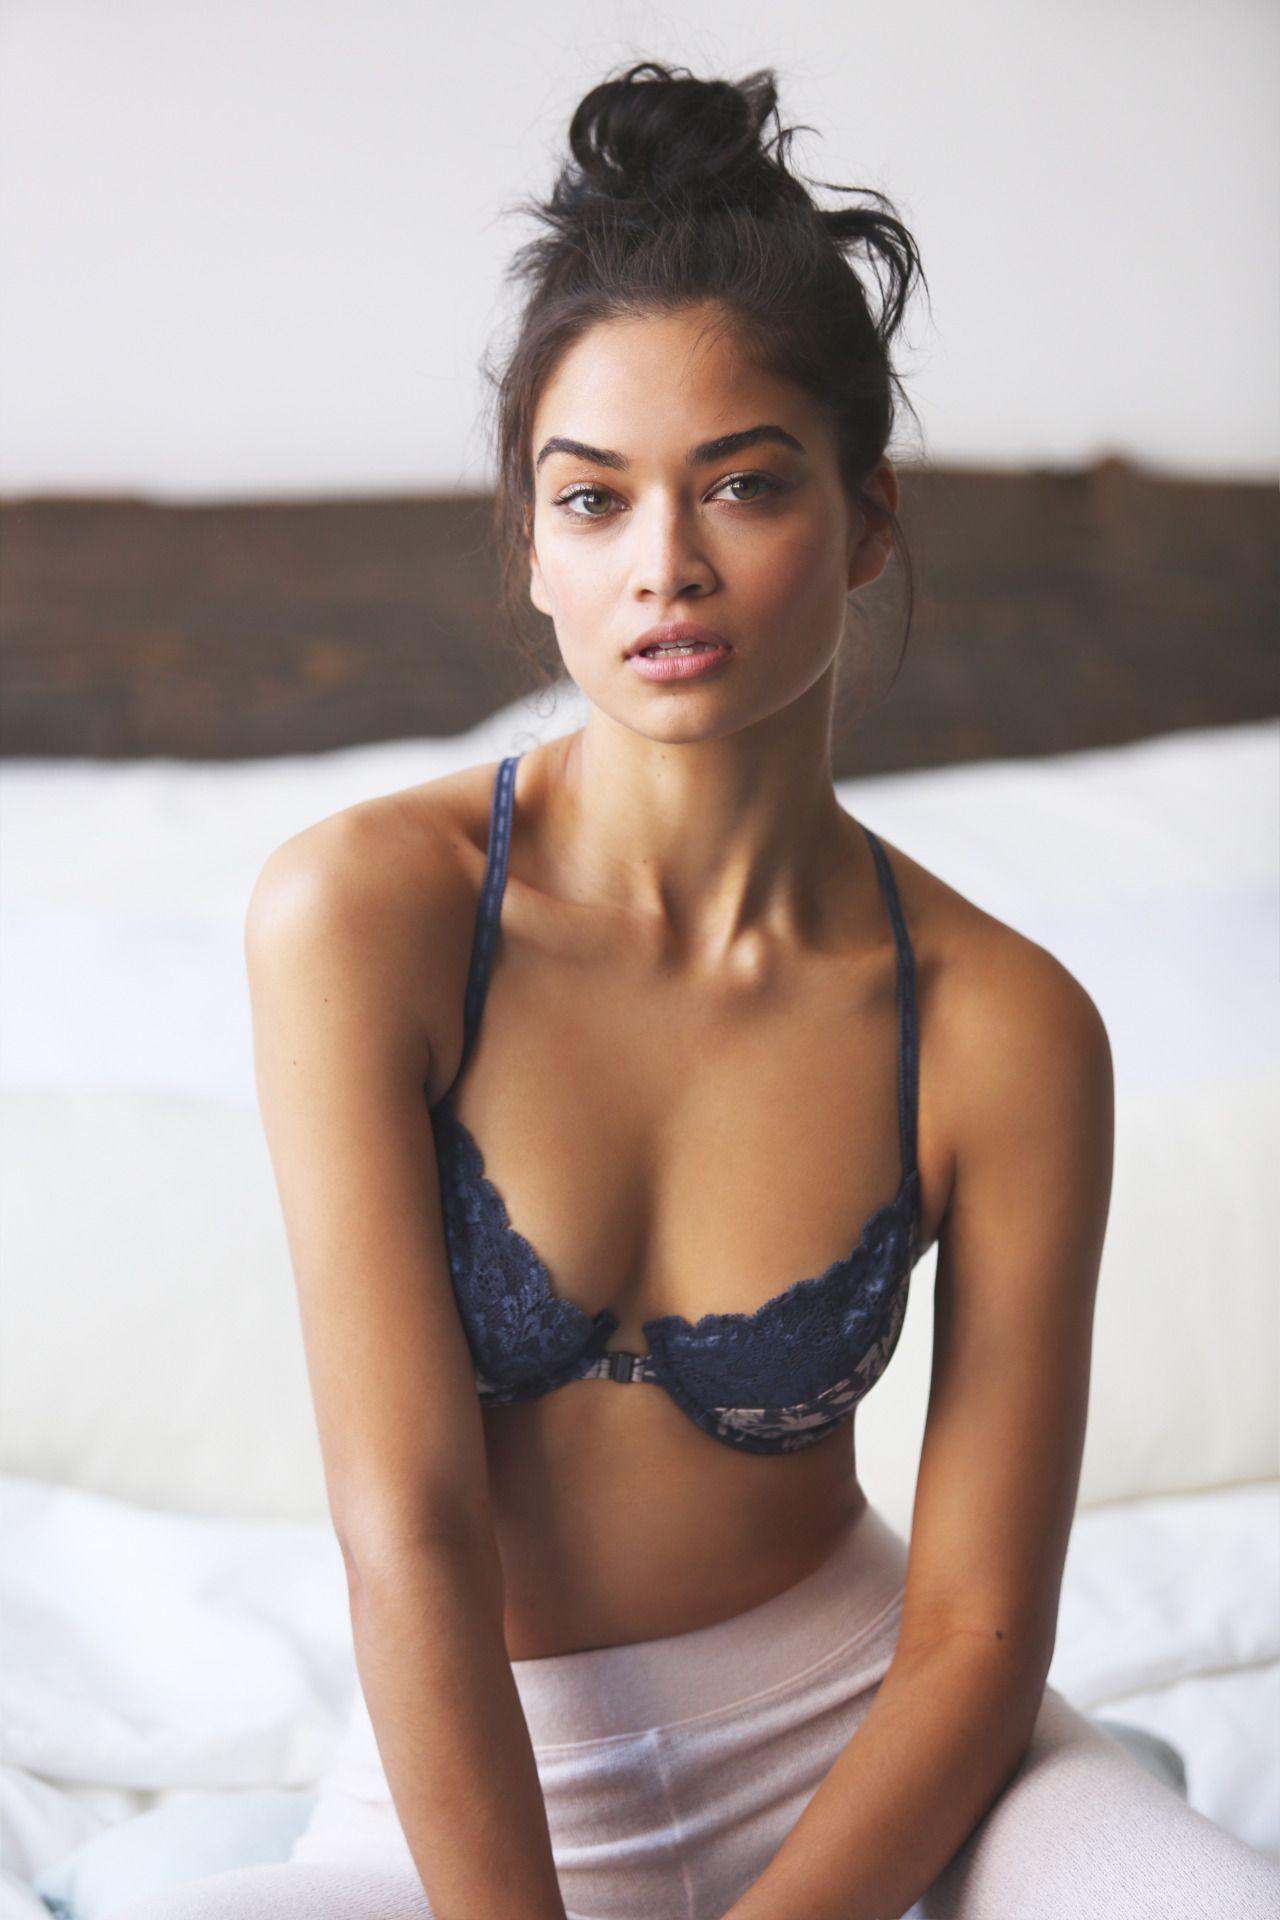 Shanina Shaik nude (99 fotos), images Tits, iCloud, panties 2019